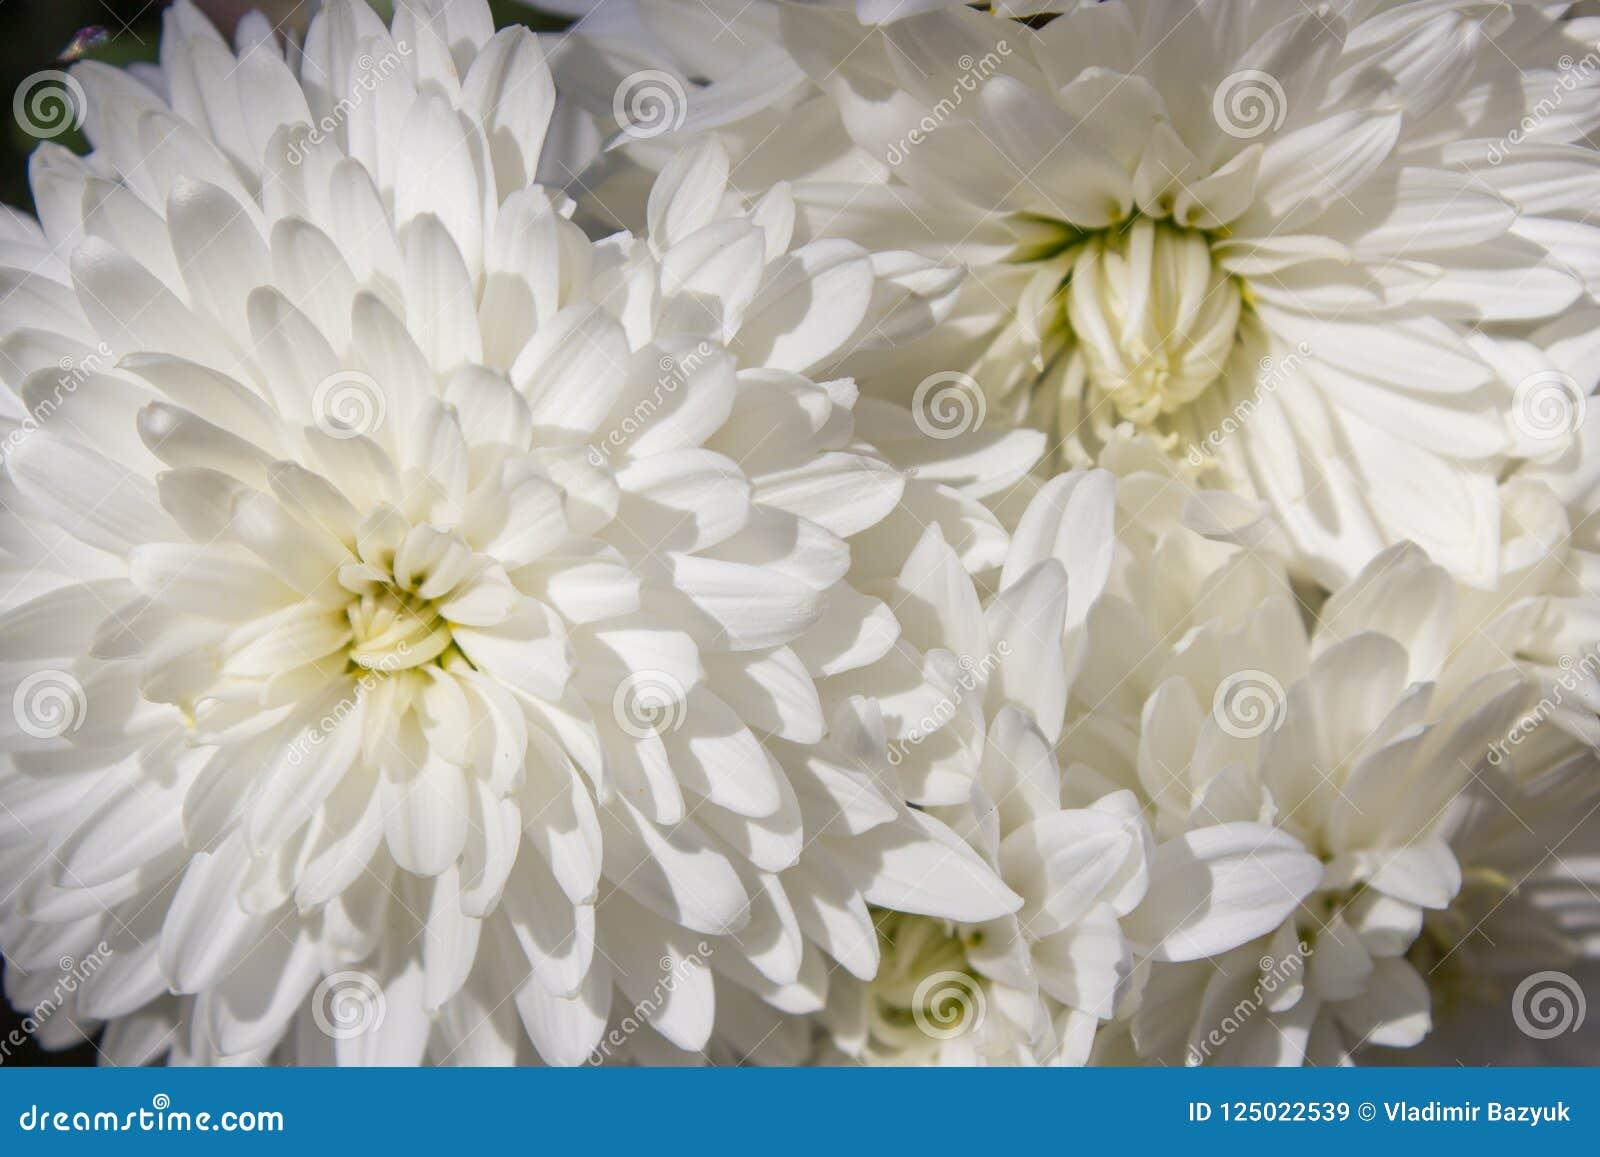 White Chrysanthemum Morifoliumautumn Flowers Are White Flowers Are